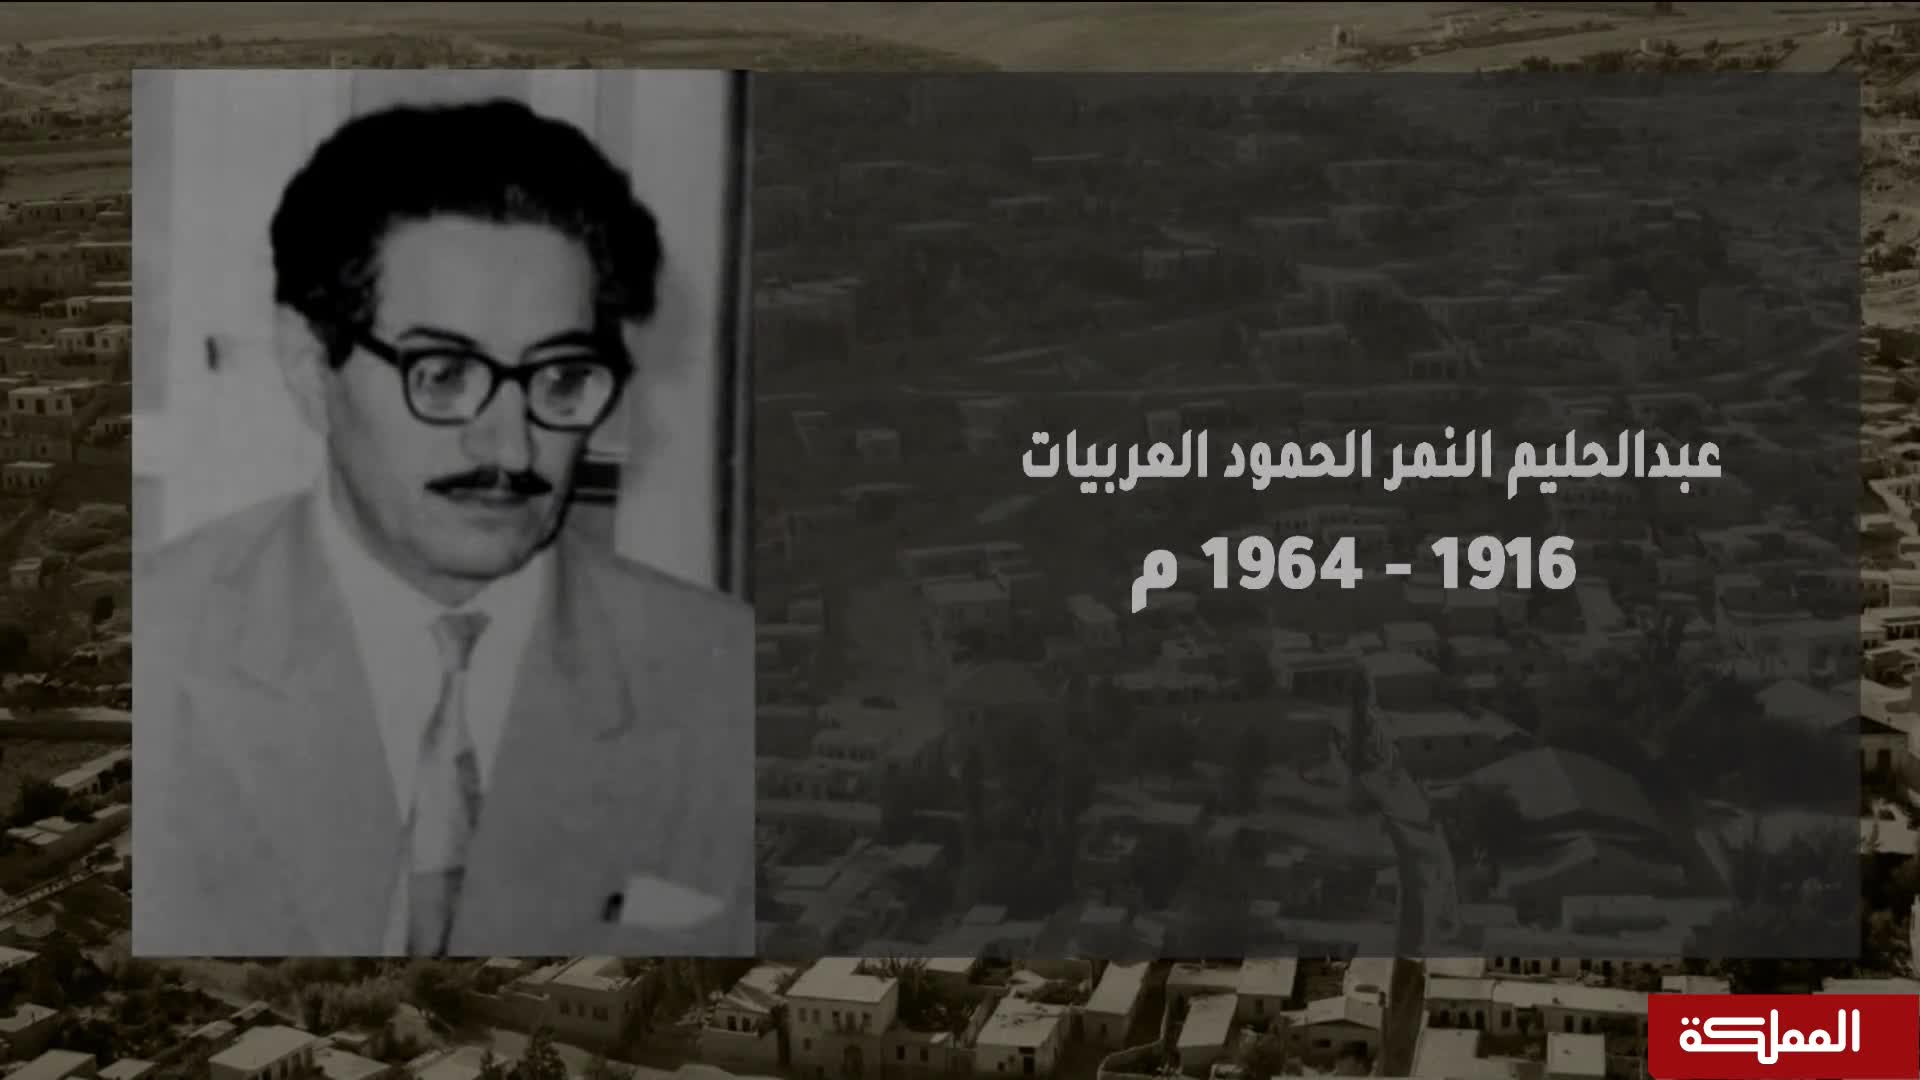 على درب المؤسسين | عبد الحليم النمر الحمود العربيات